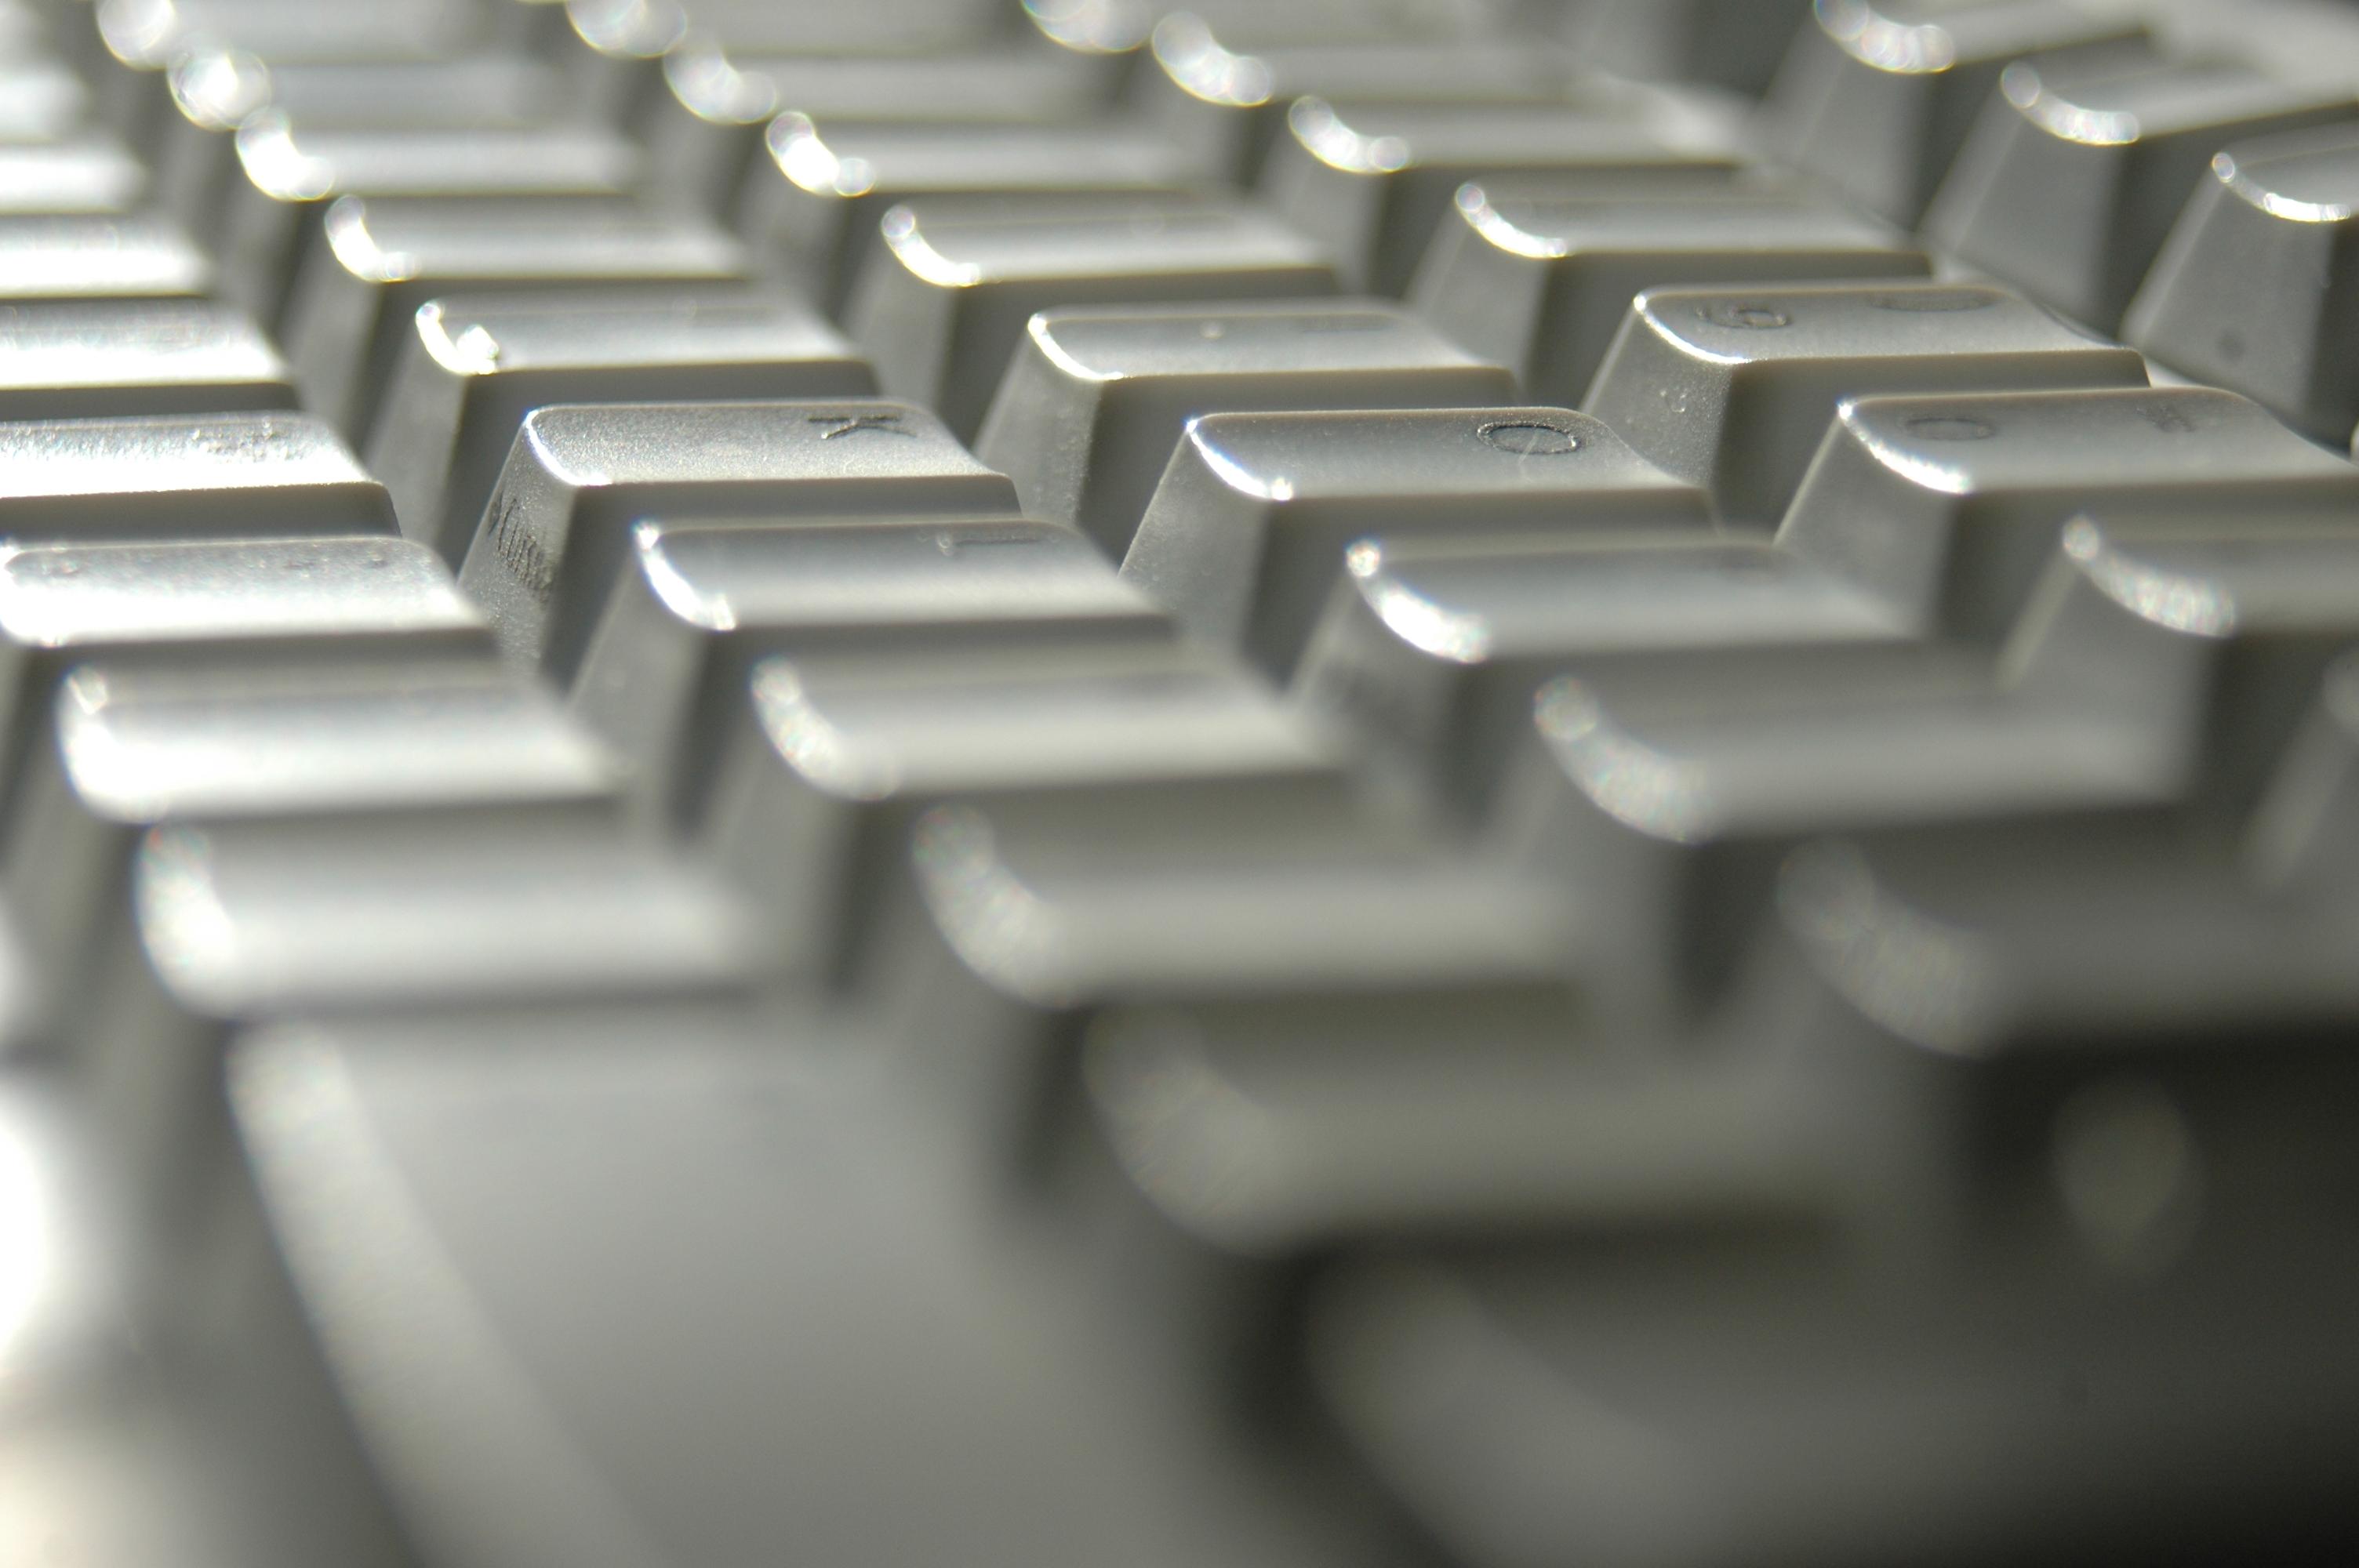 dsc_00211.jpg - Keyboard